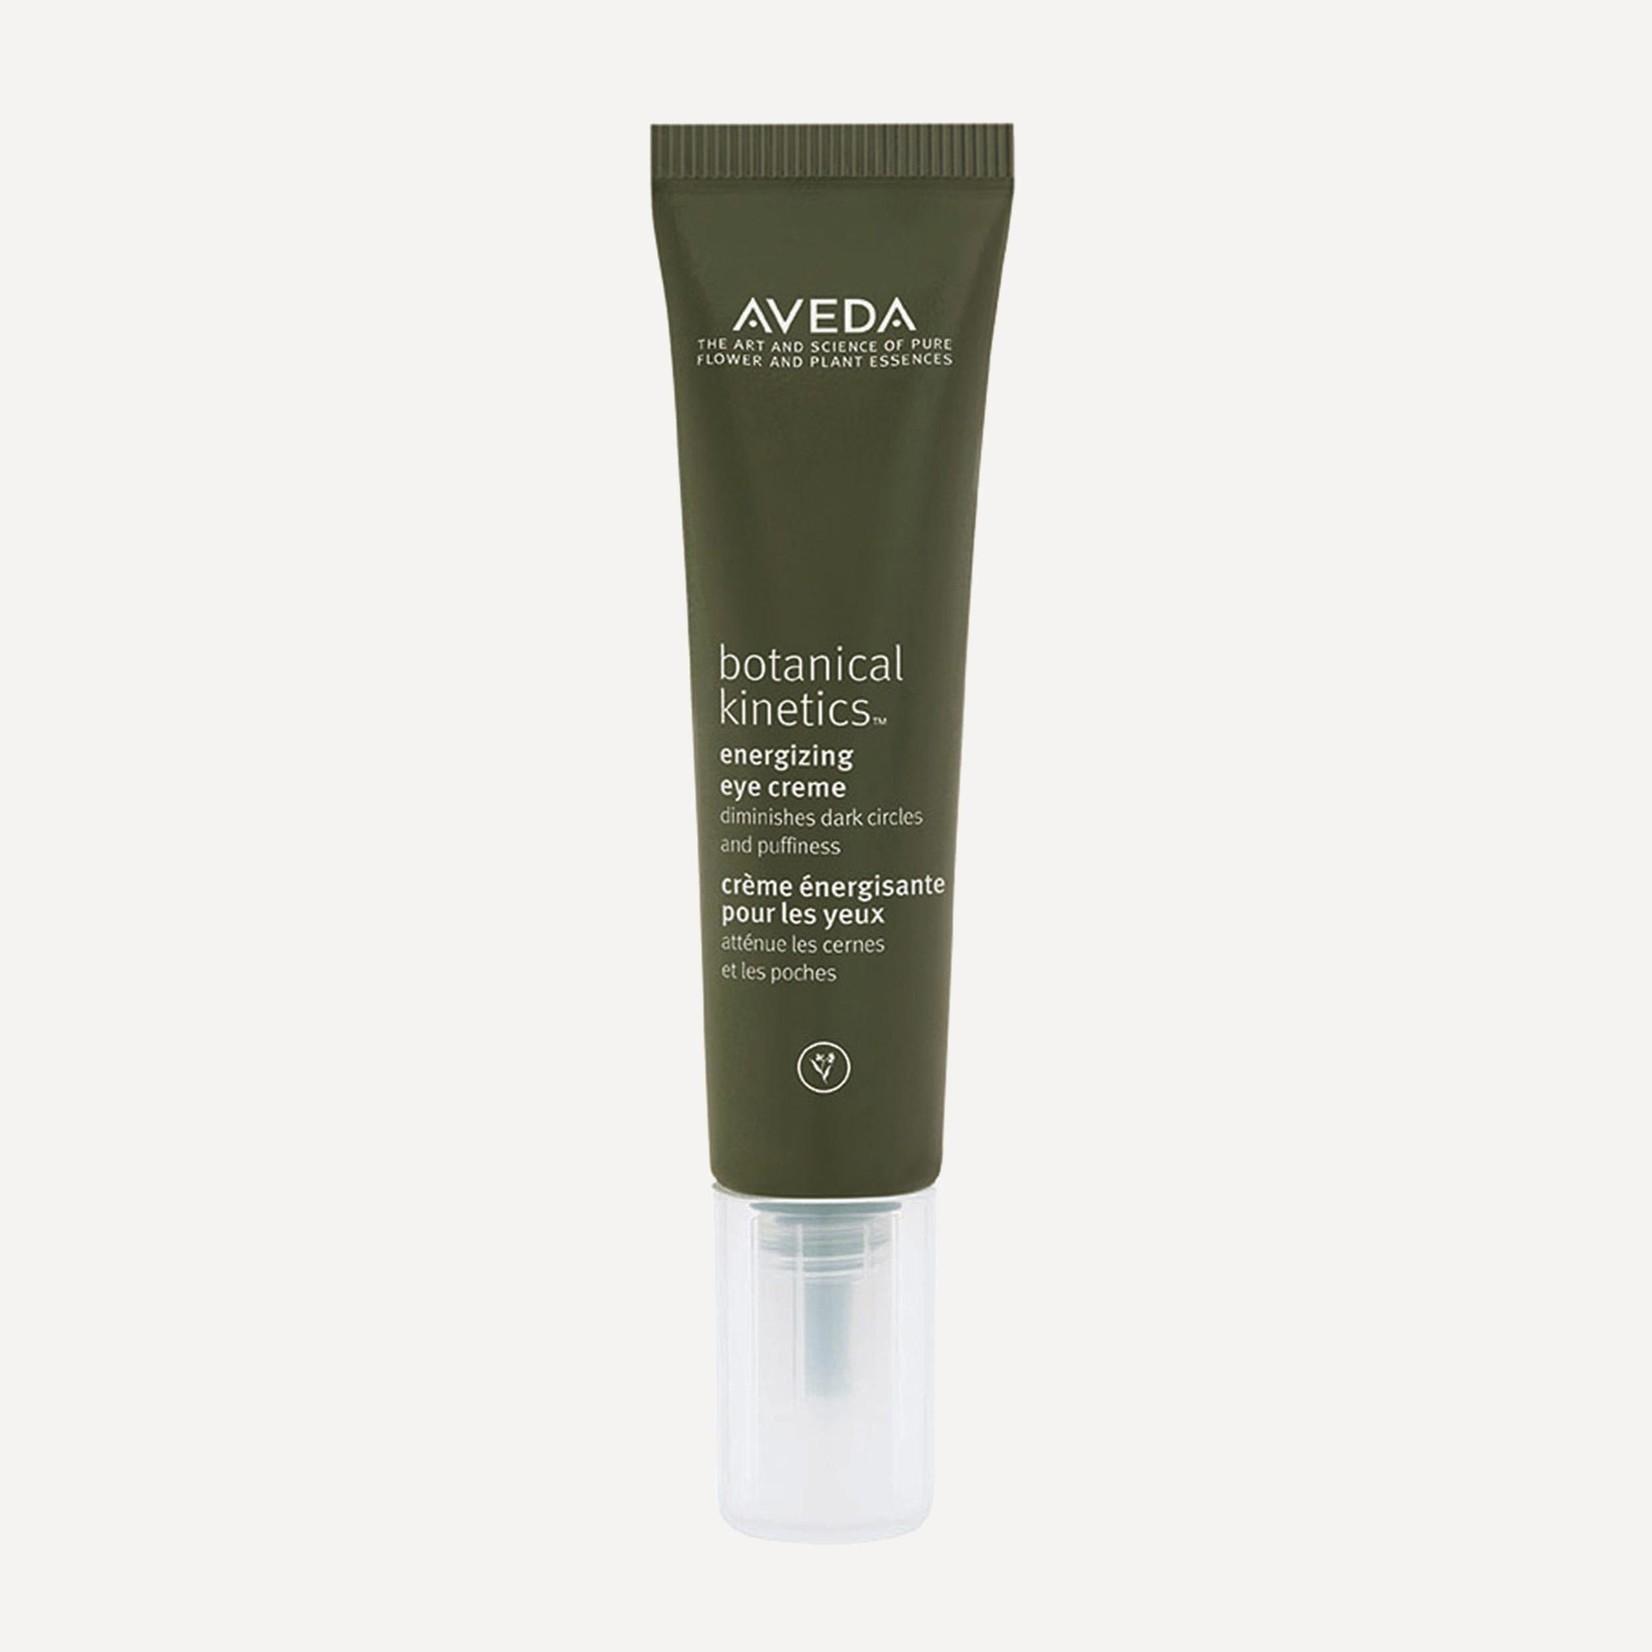 AVEDA Botanical Kinetics™ Energizing Eye Creme